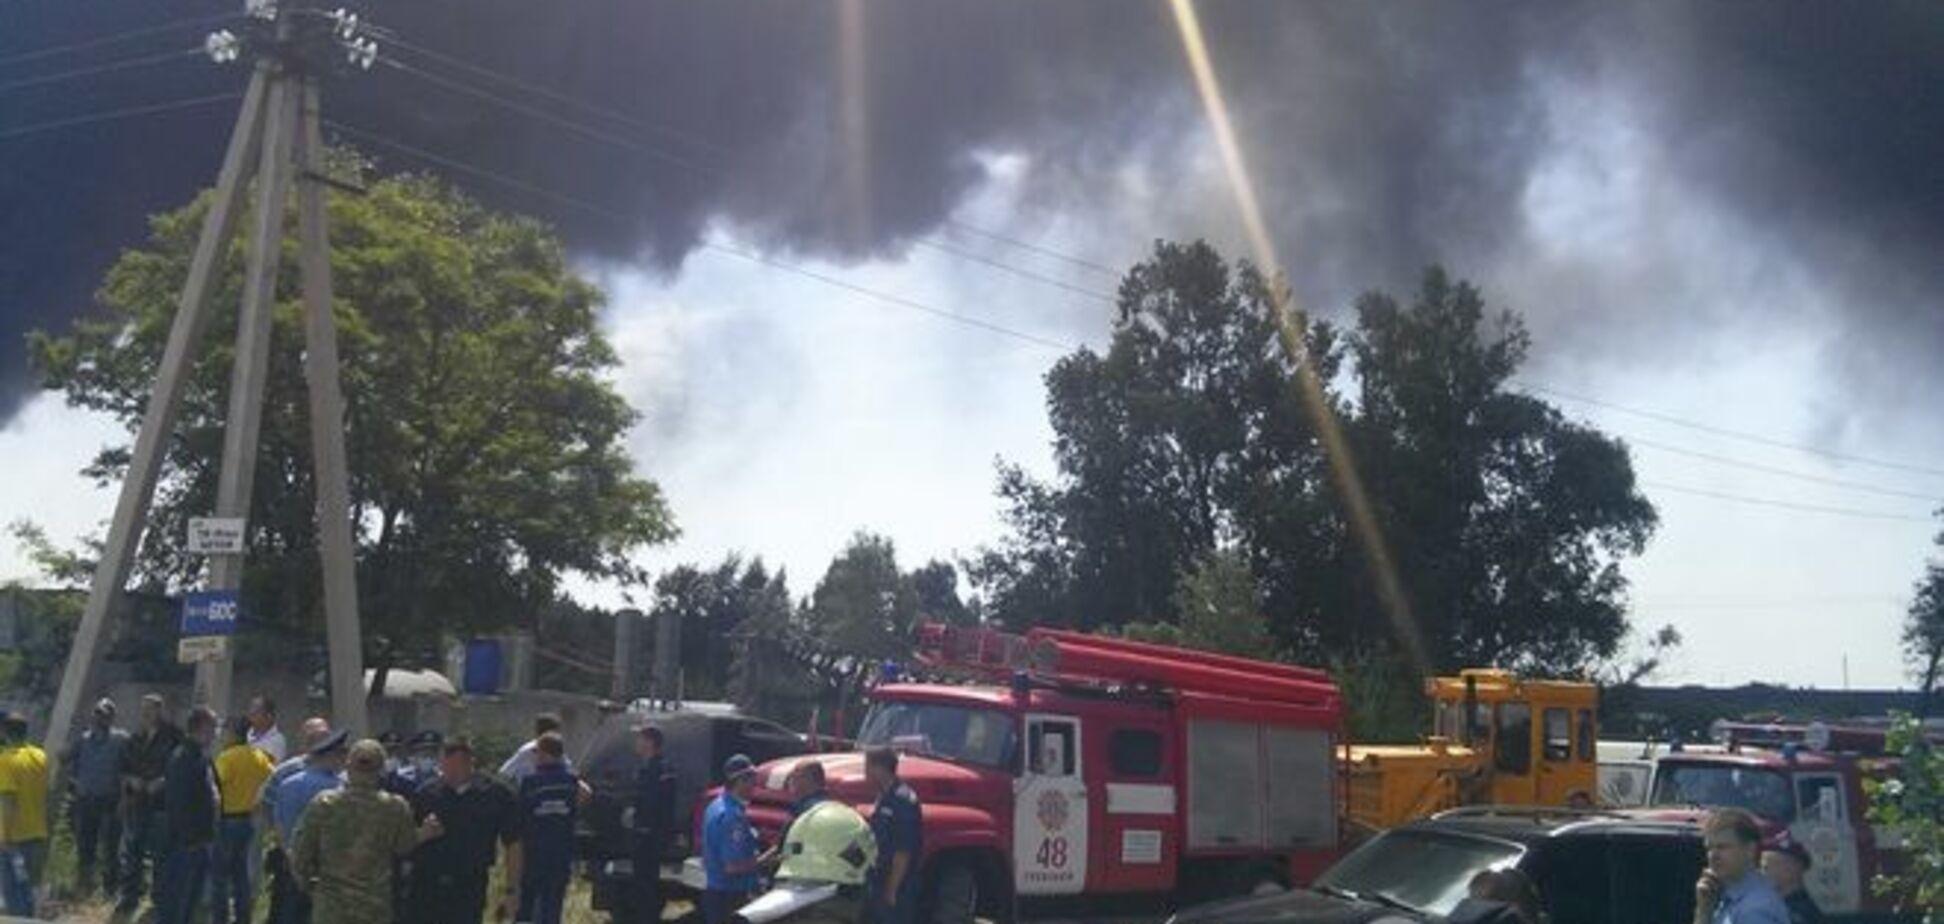 Пожар на нефтебазе в Василькове может переброситься на военный аэродром - Минобороны